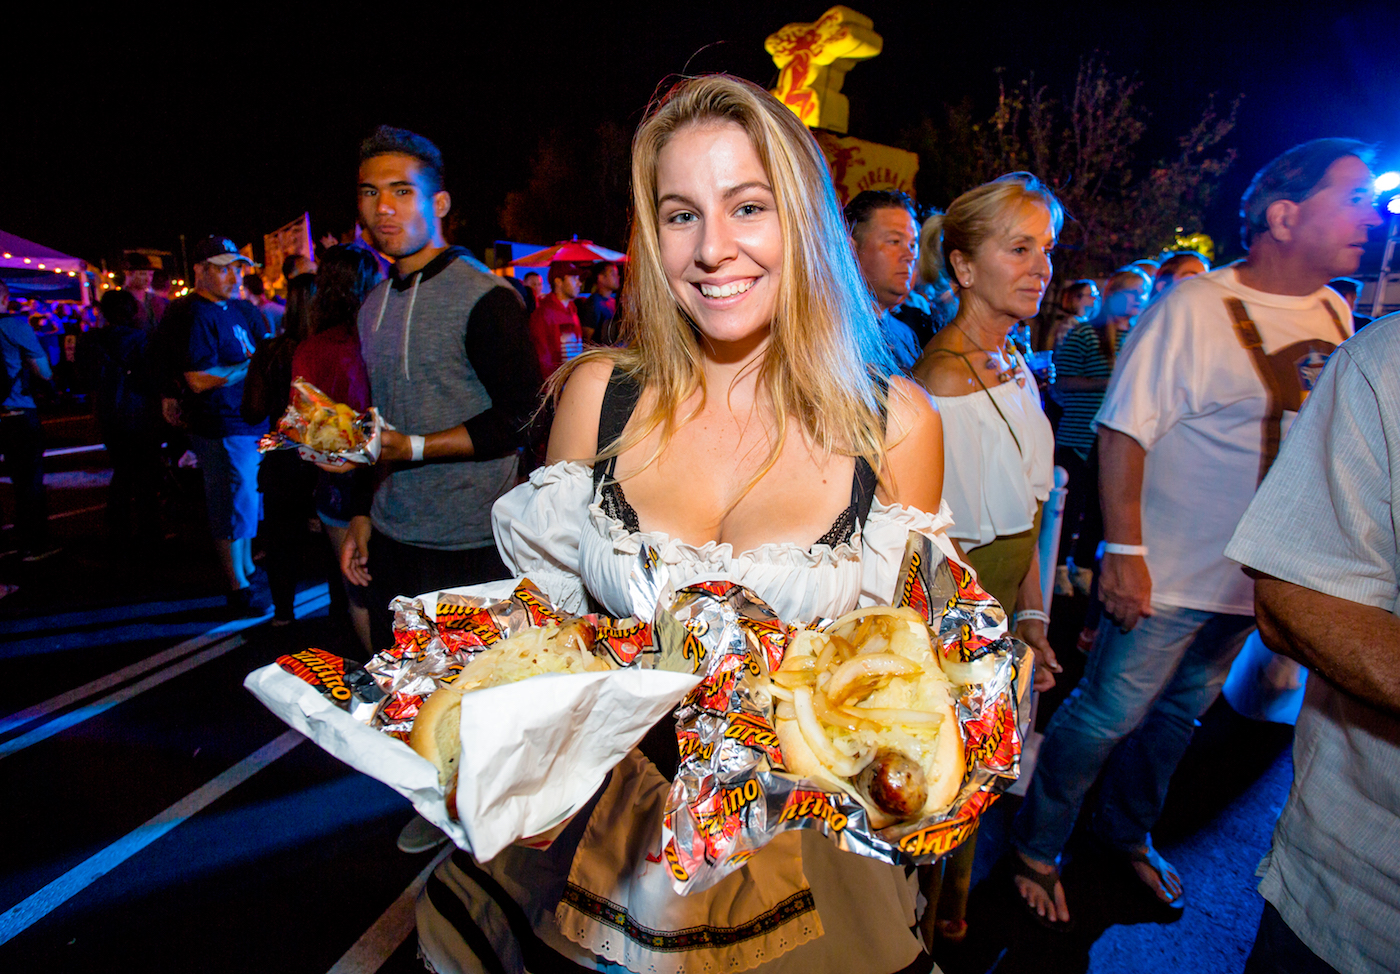 45th La Mesa Oktoberfest Brings Out 100,000+ Happy Beer Drinkers